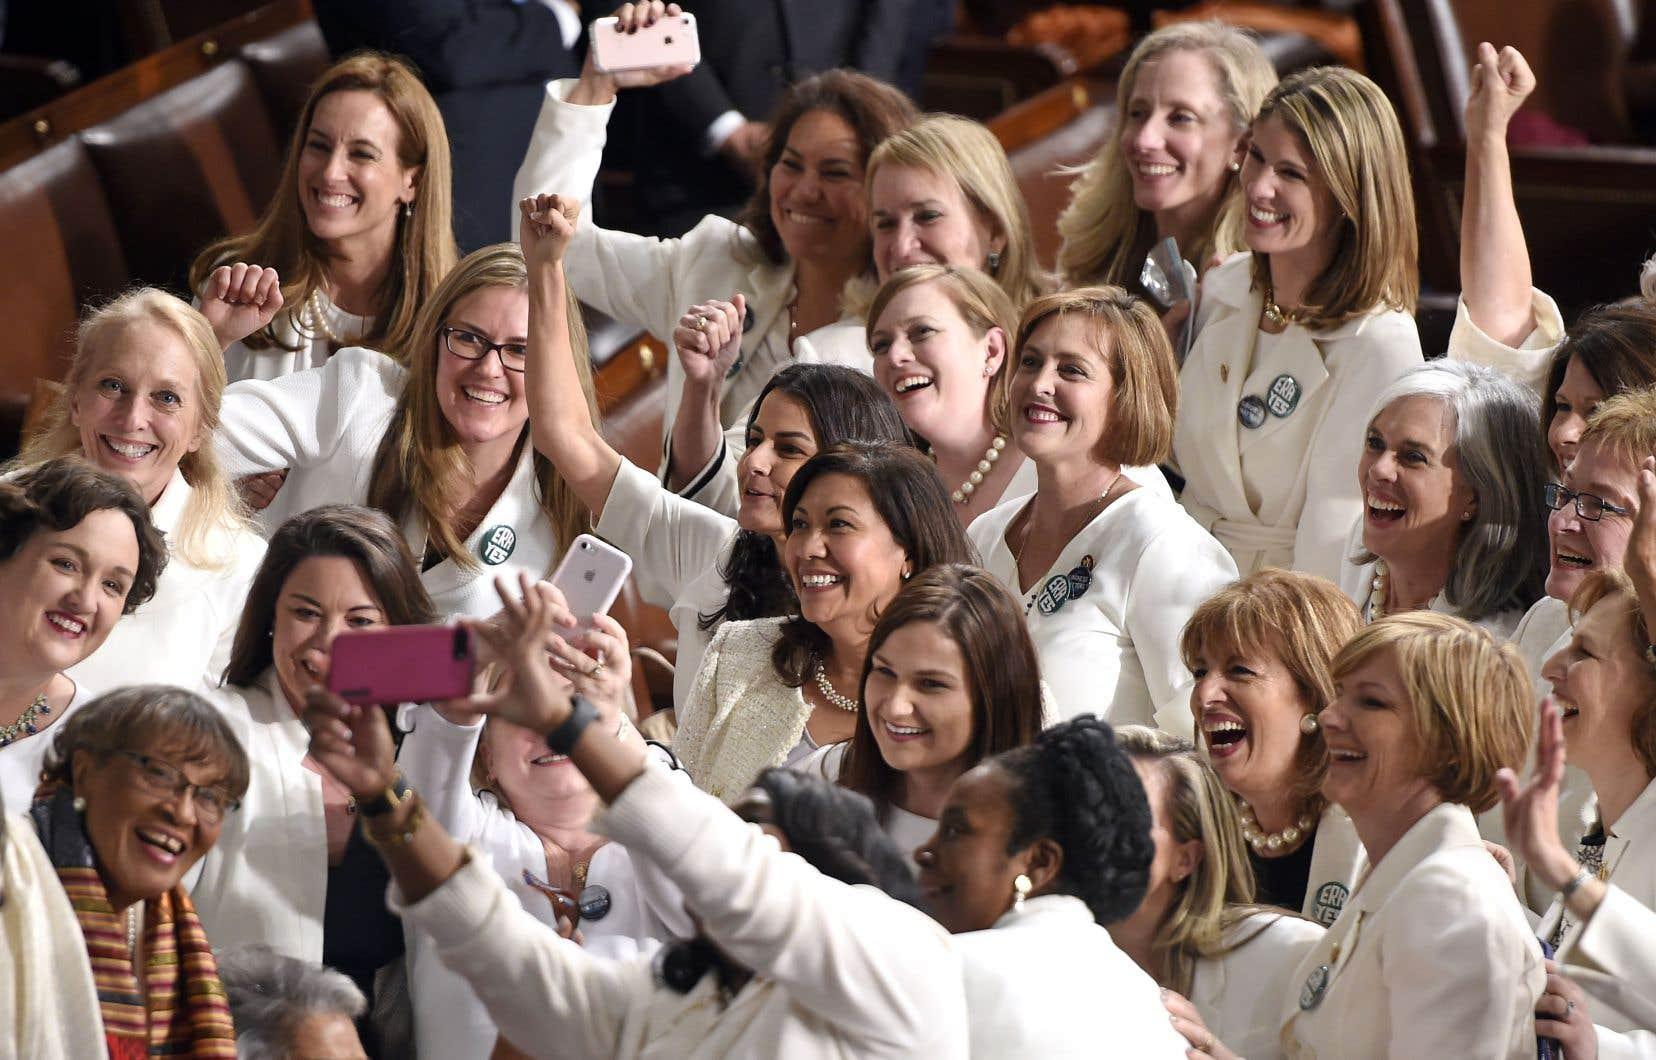 Les élues américaines s'étaient habillées de blanc, mardi, pour marquer le centième anniveraire des suffragettes.